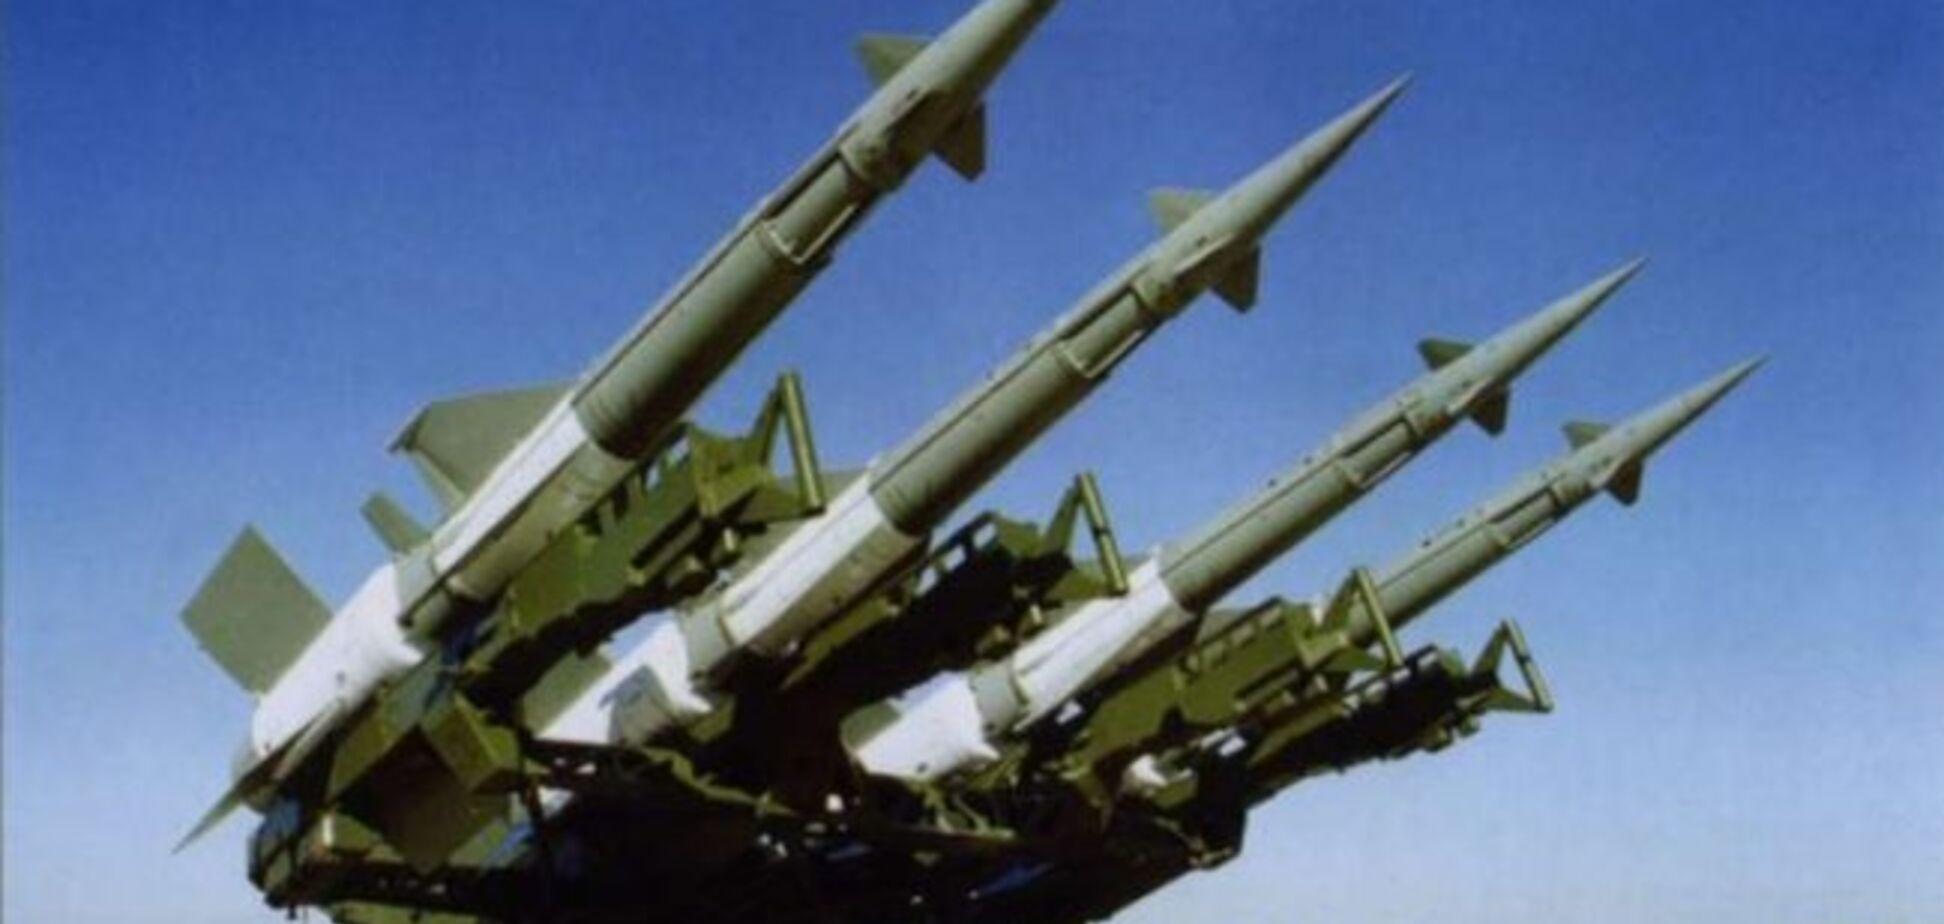 У порту України виявили російські ракети комплексу С-125 'Печора': подробиці